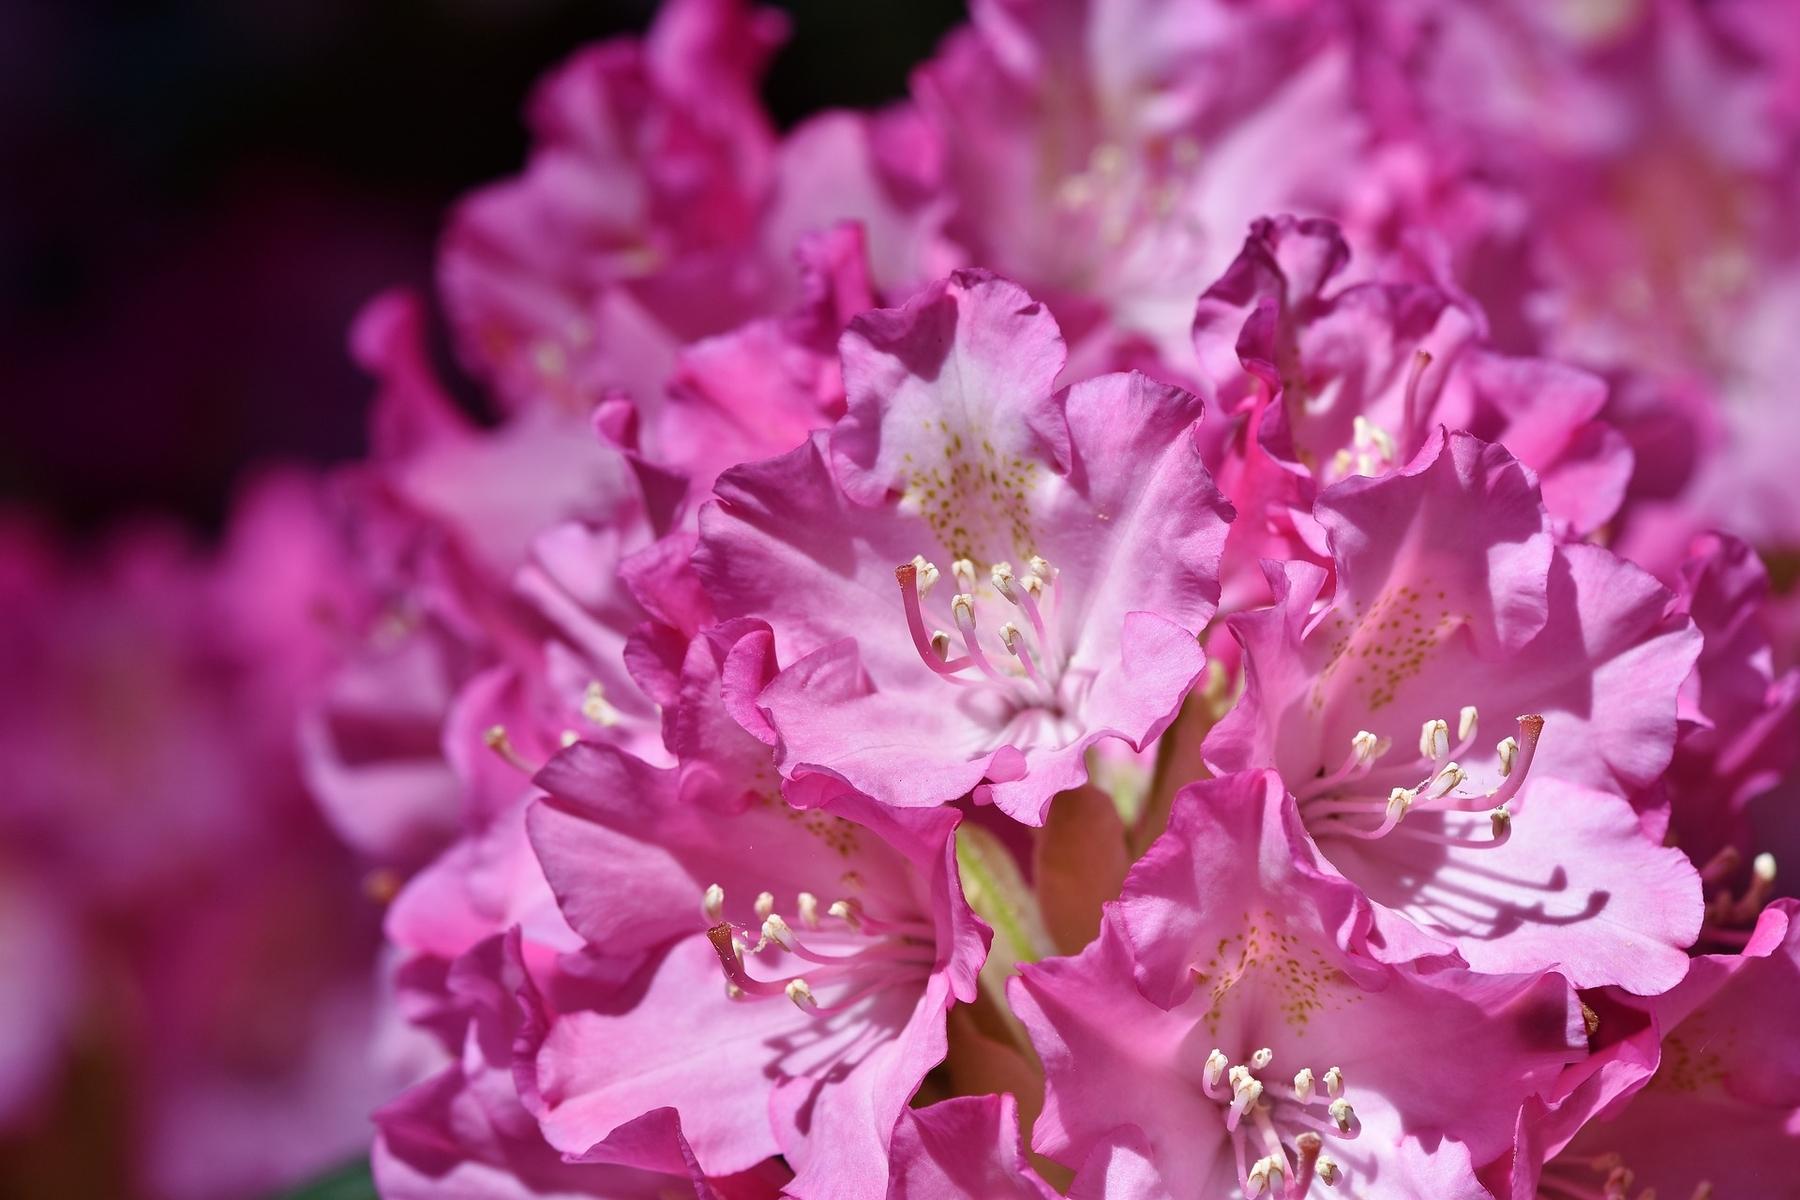 Fiori Del Mese Di Giugno viaggi floreali: dove vedere le più belle fioriture in